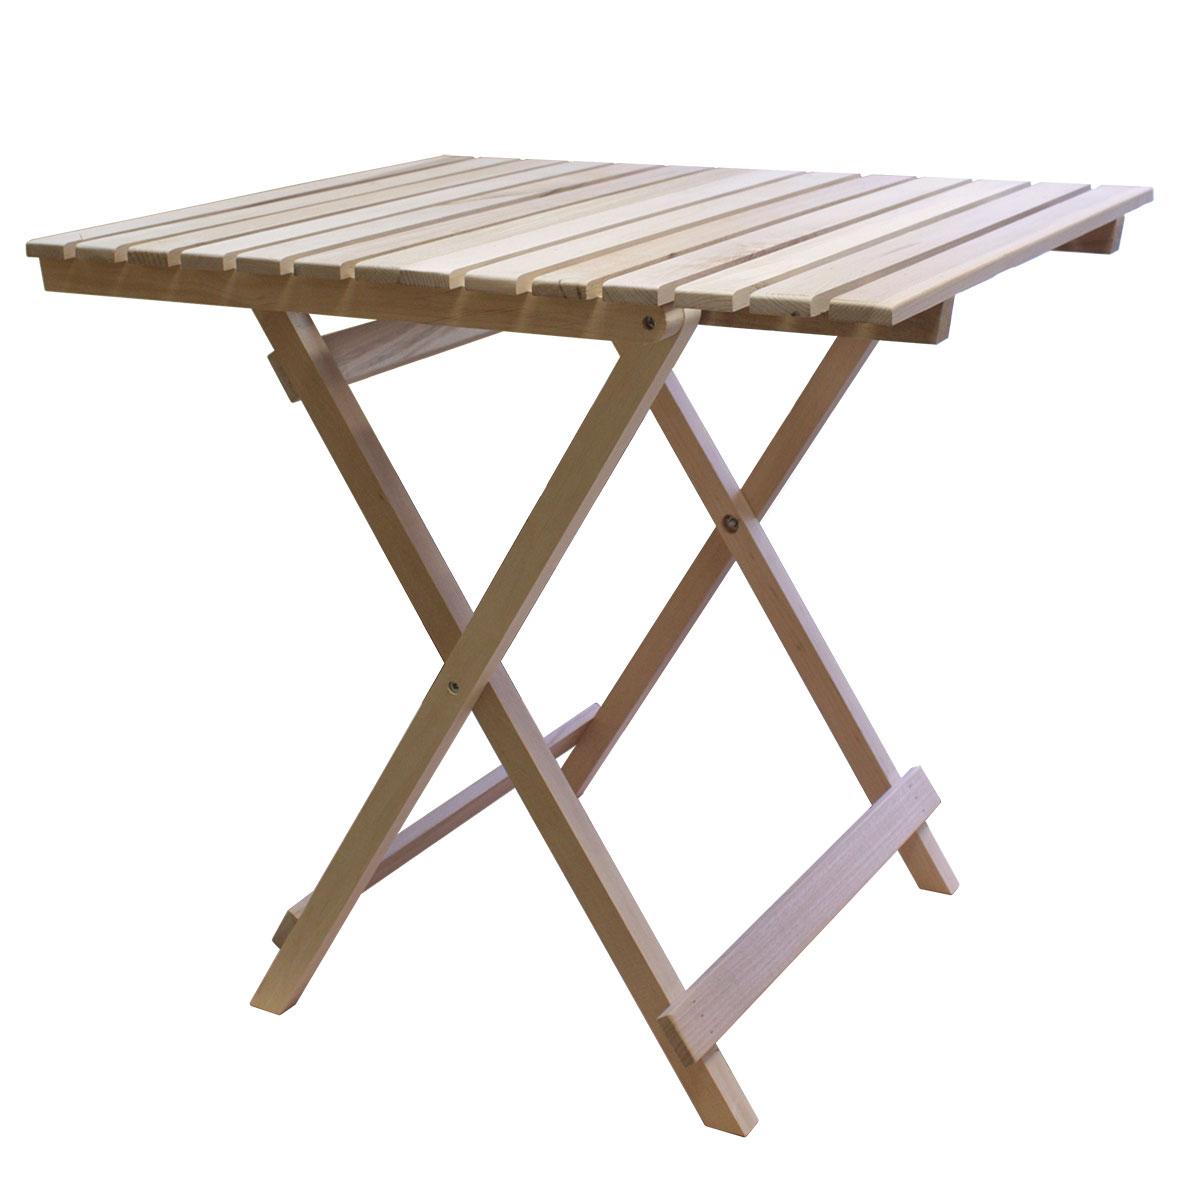 Стол складной Счастливый дачникСTOСДСкладной стол Счастливый дачник - это незаменимый предмет на даче для приятного времяпрепровождения. Стол выполнен из дерева (ольха), легко складывается и компактен при хранении. Стол прекрасно подойдет для комфортного отдыха на даче.